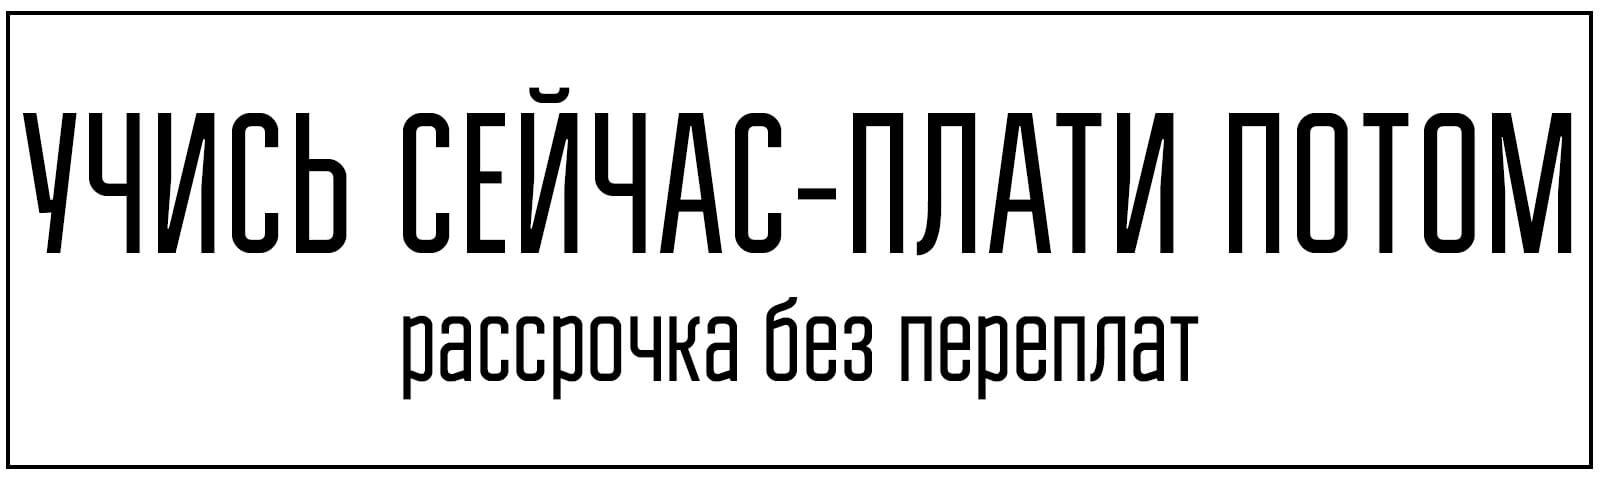 основные принципы кредита тест занять 100000 рублей с плохой кредитной историей